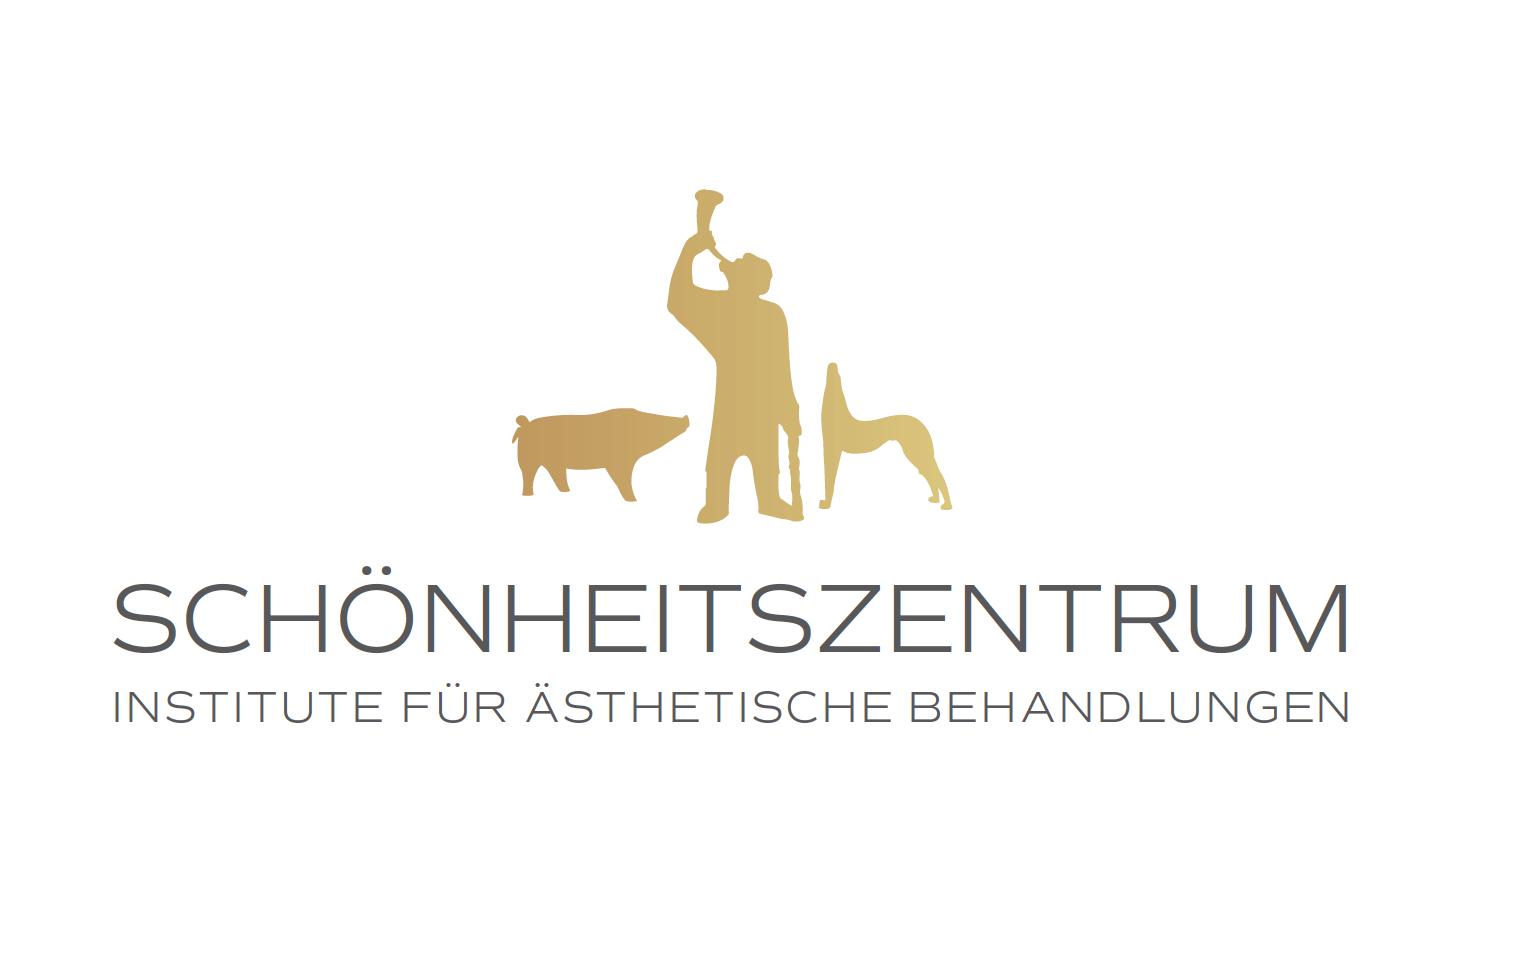 Schönheitszentrum Bremen - Ihr Schönheitszentrum in der Sögestraße